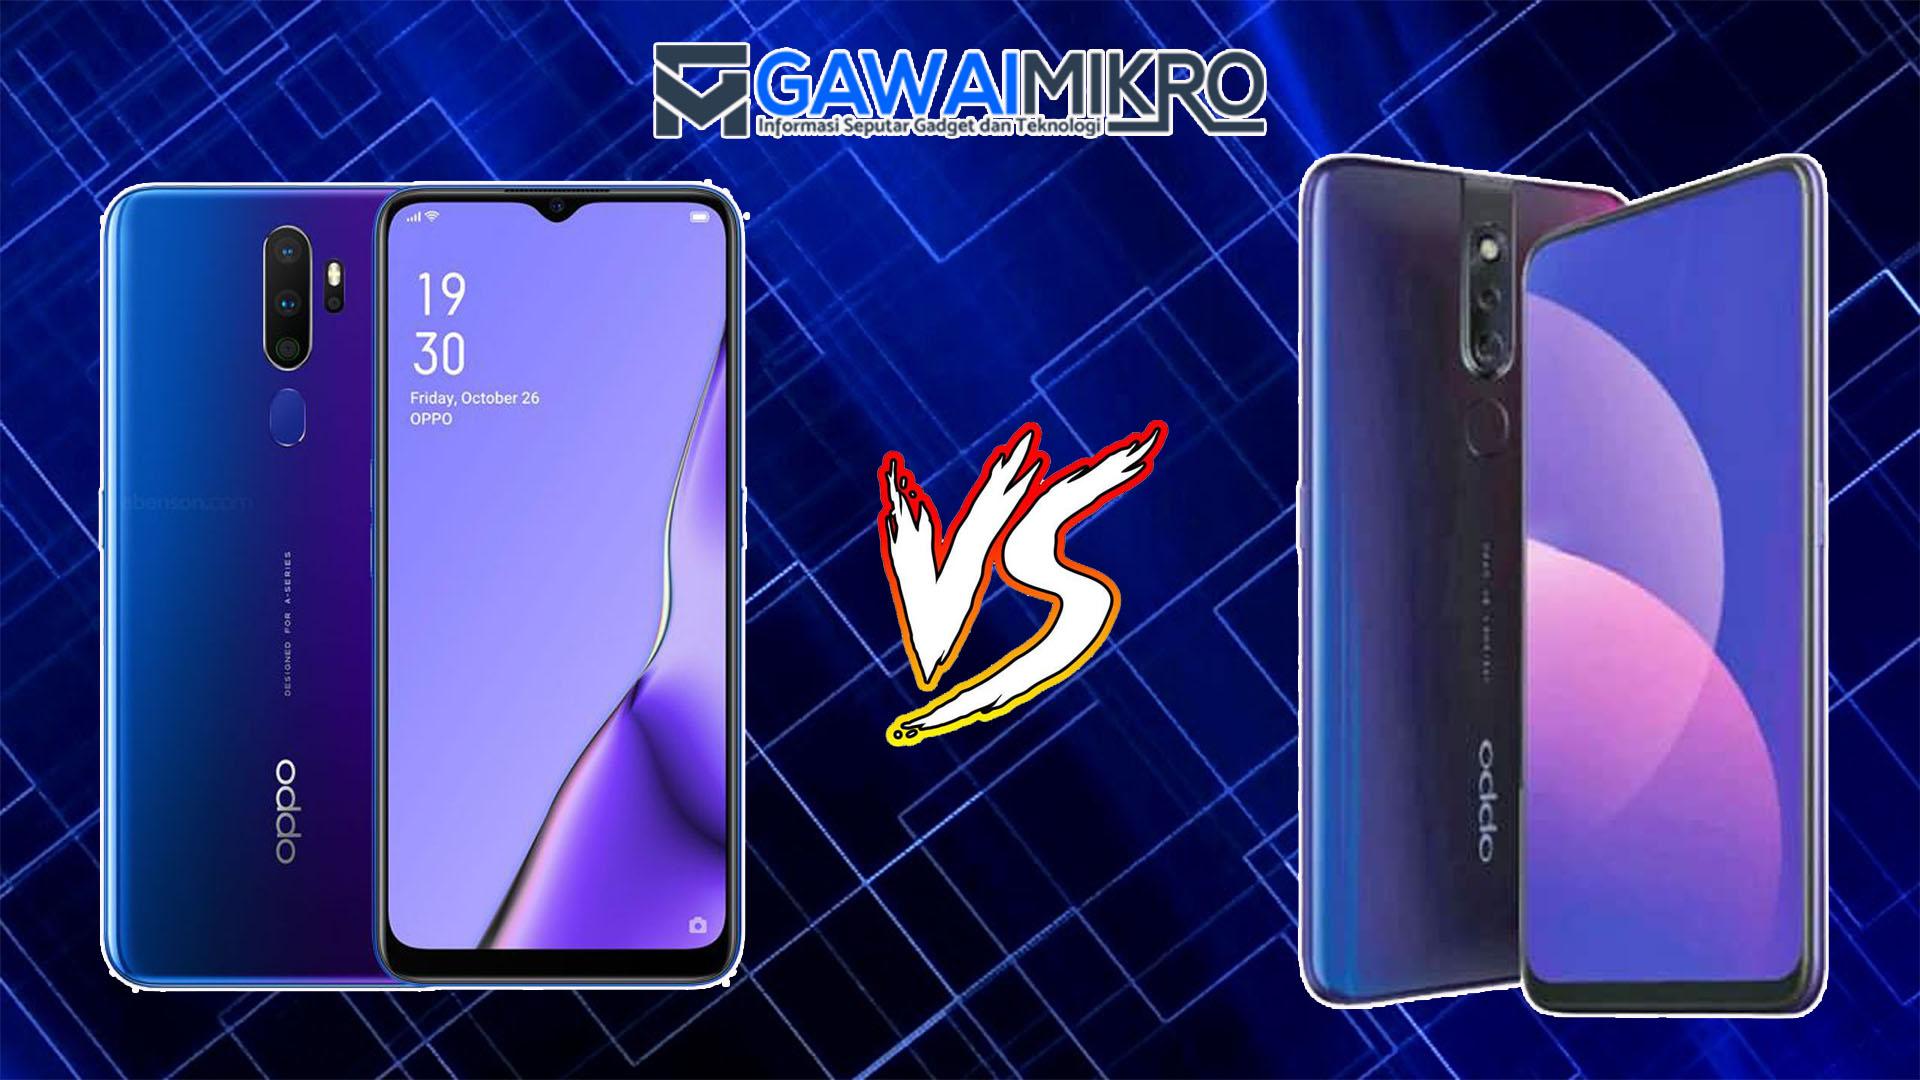 Oppo F11 Pro vs Oppo A9 2020